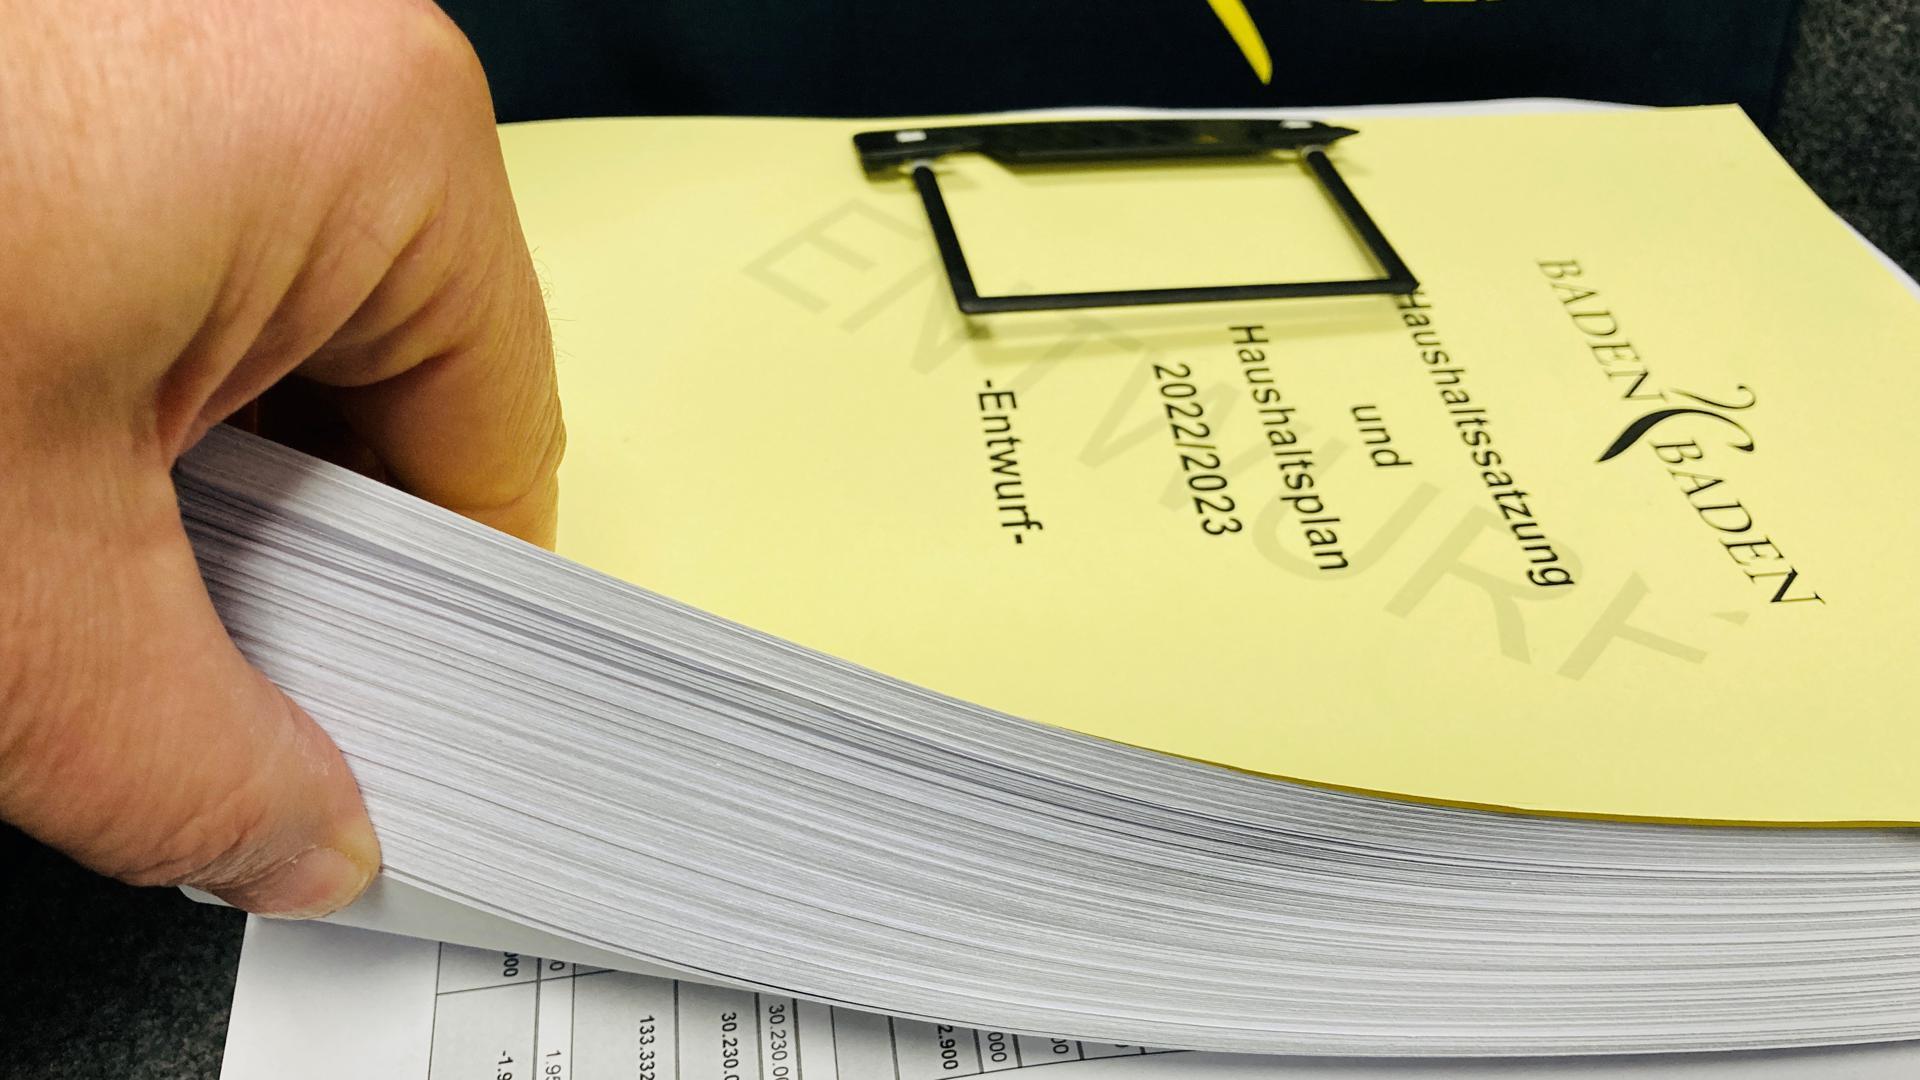 Dicker Wälzer: 946 Seiten umfasst der Entwurf des Doppelhaushalts für die Jahre 2022/23 der Stadt Baden-Baden.